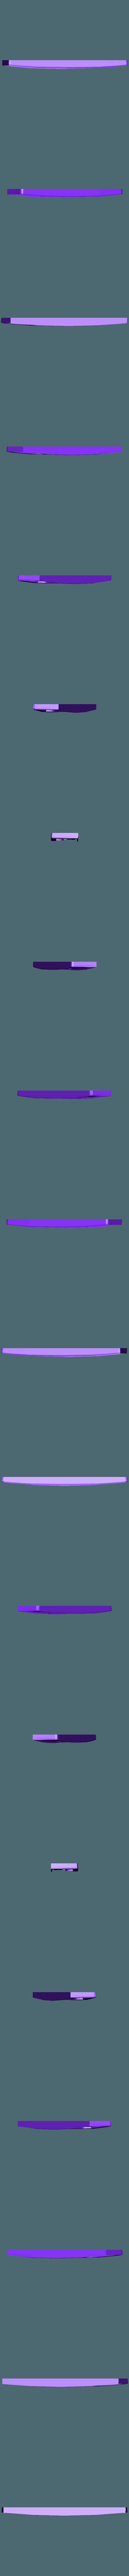 piece_cab1.stl Télécharger fichier STL gratuit rc truck 1/14 FH body • Objet à imprimer en 3D, r083726